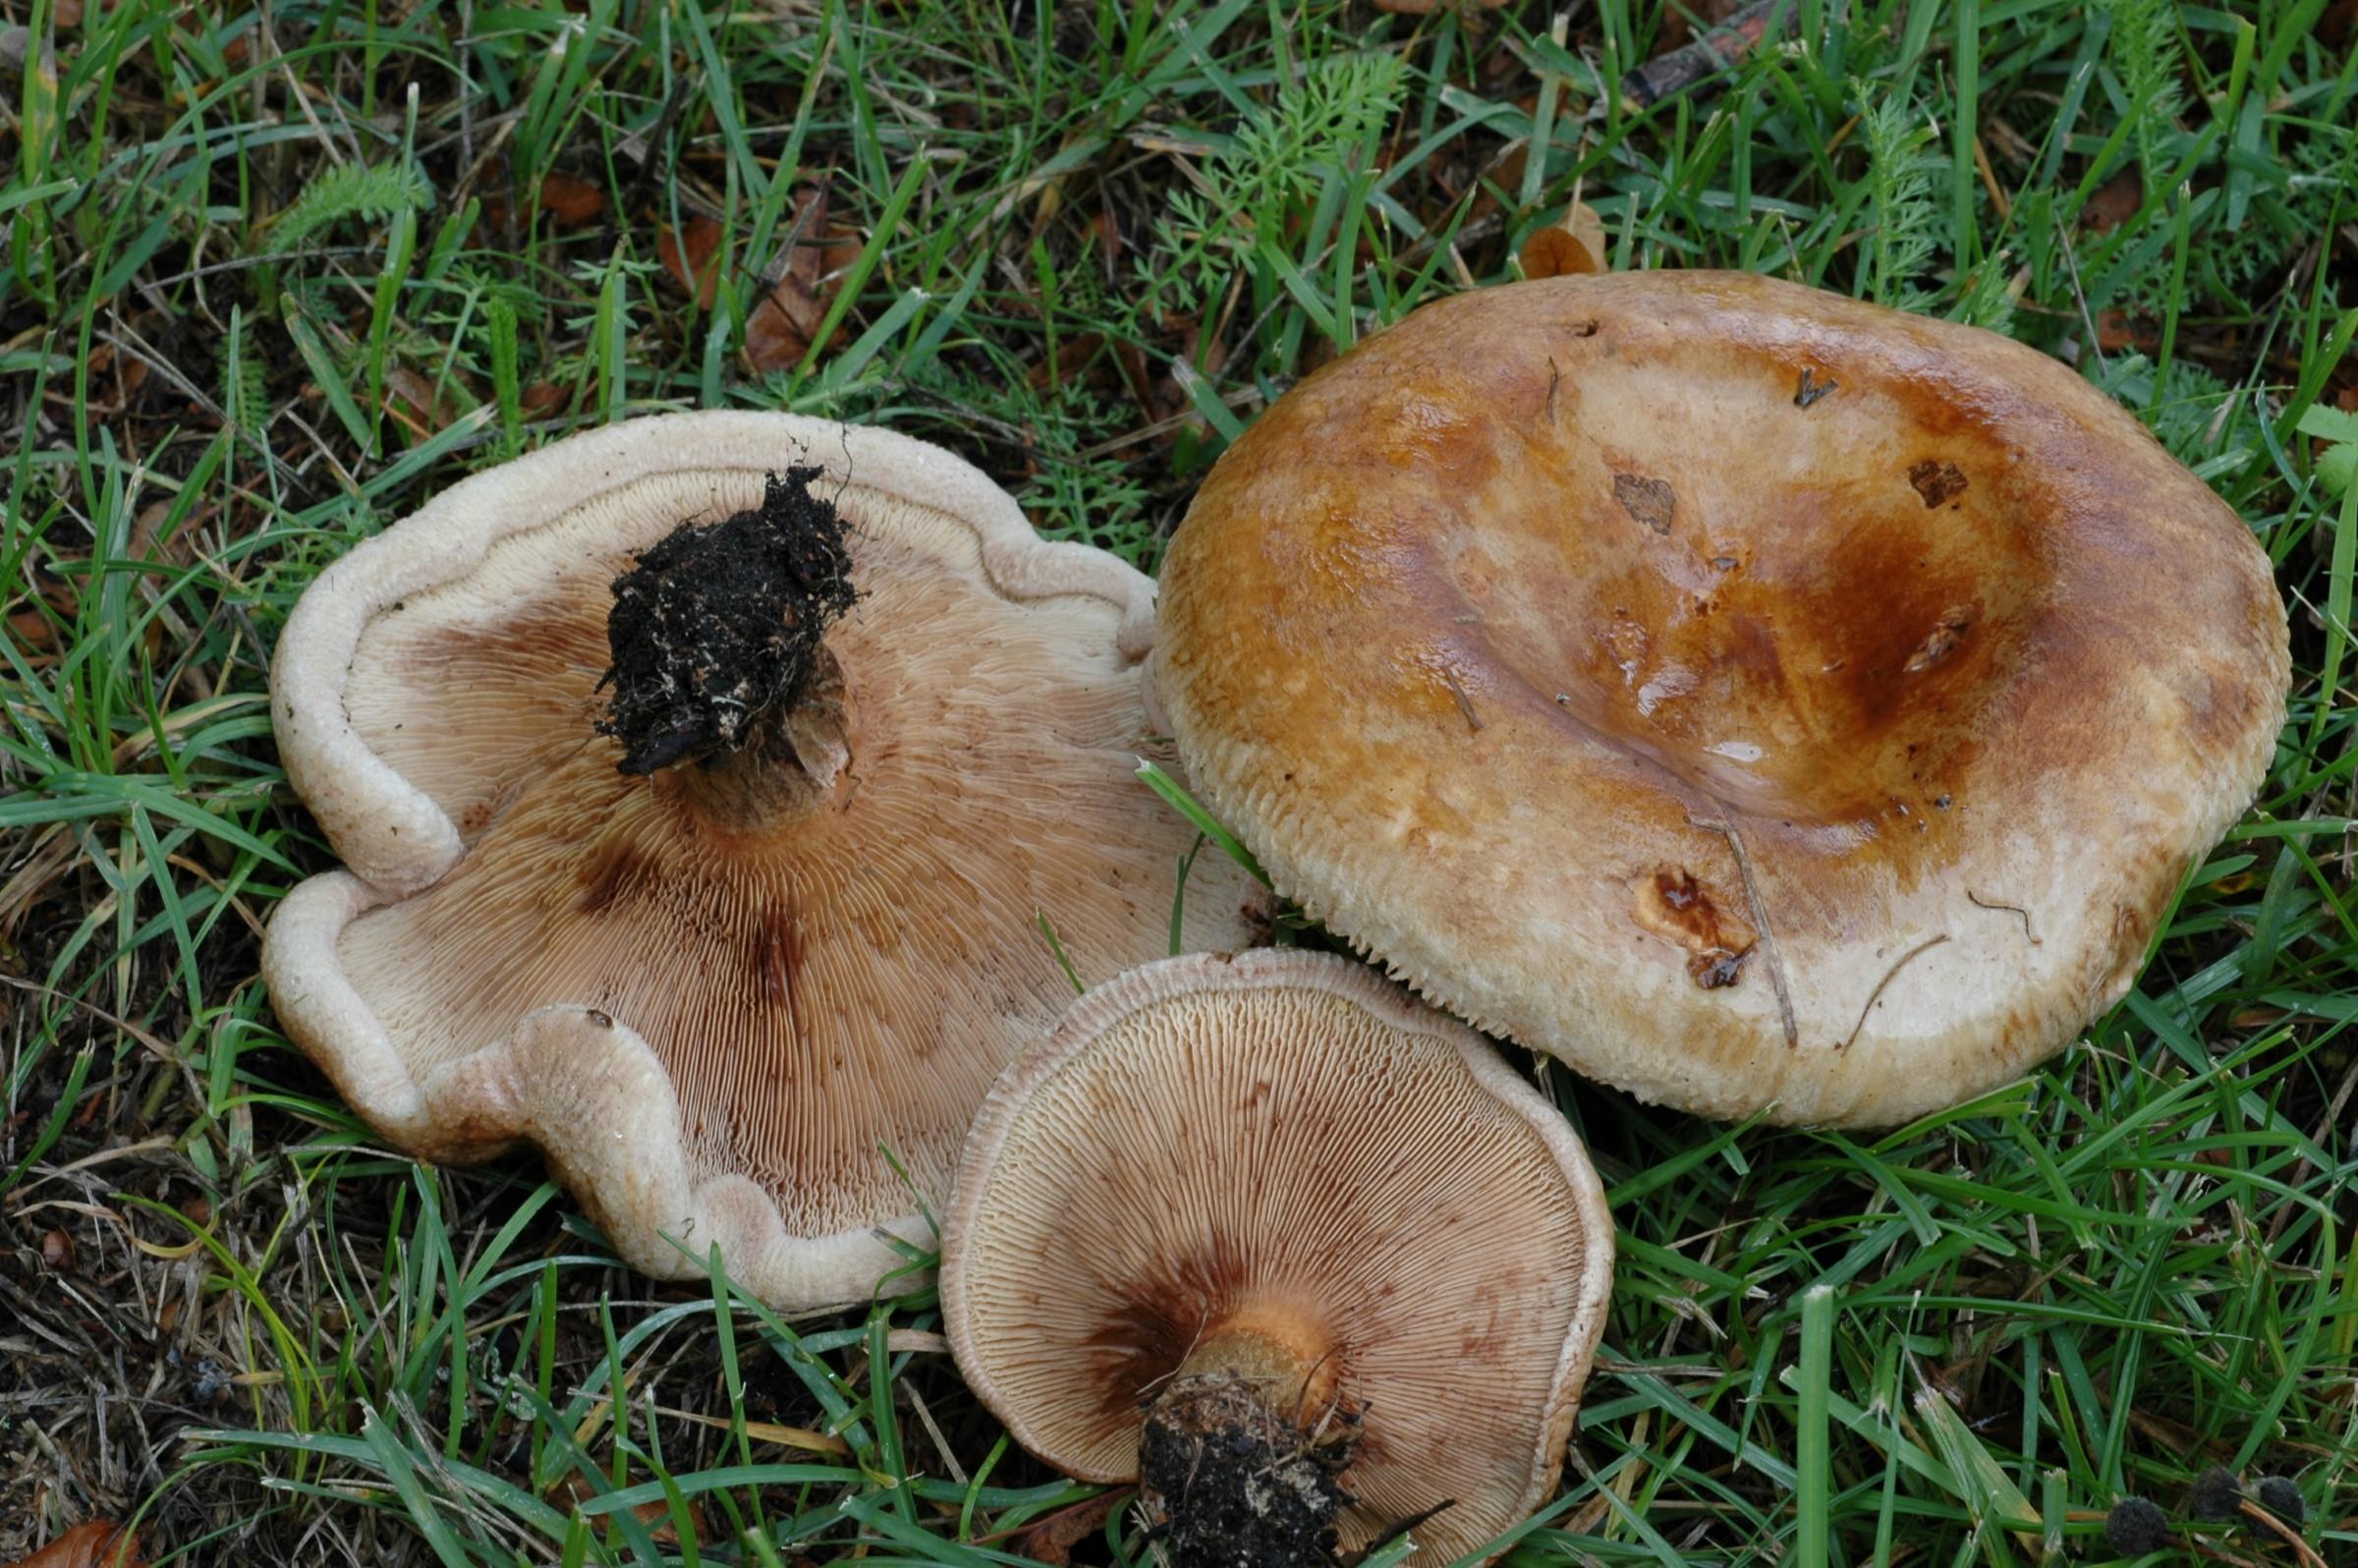 Sopp med brun, traktformet hatt. Tre brune pluggsopper (Paxillus involutus) liggende i gresset.